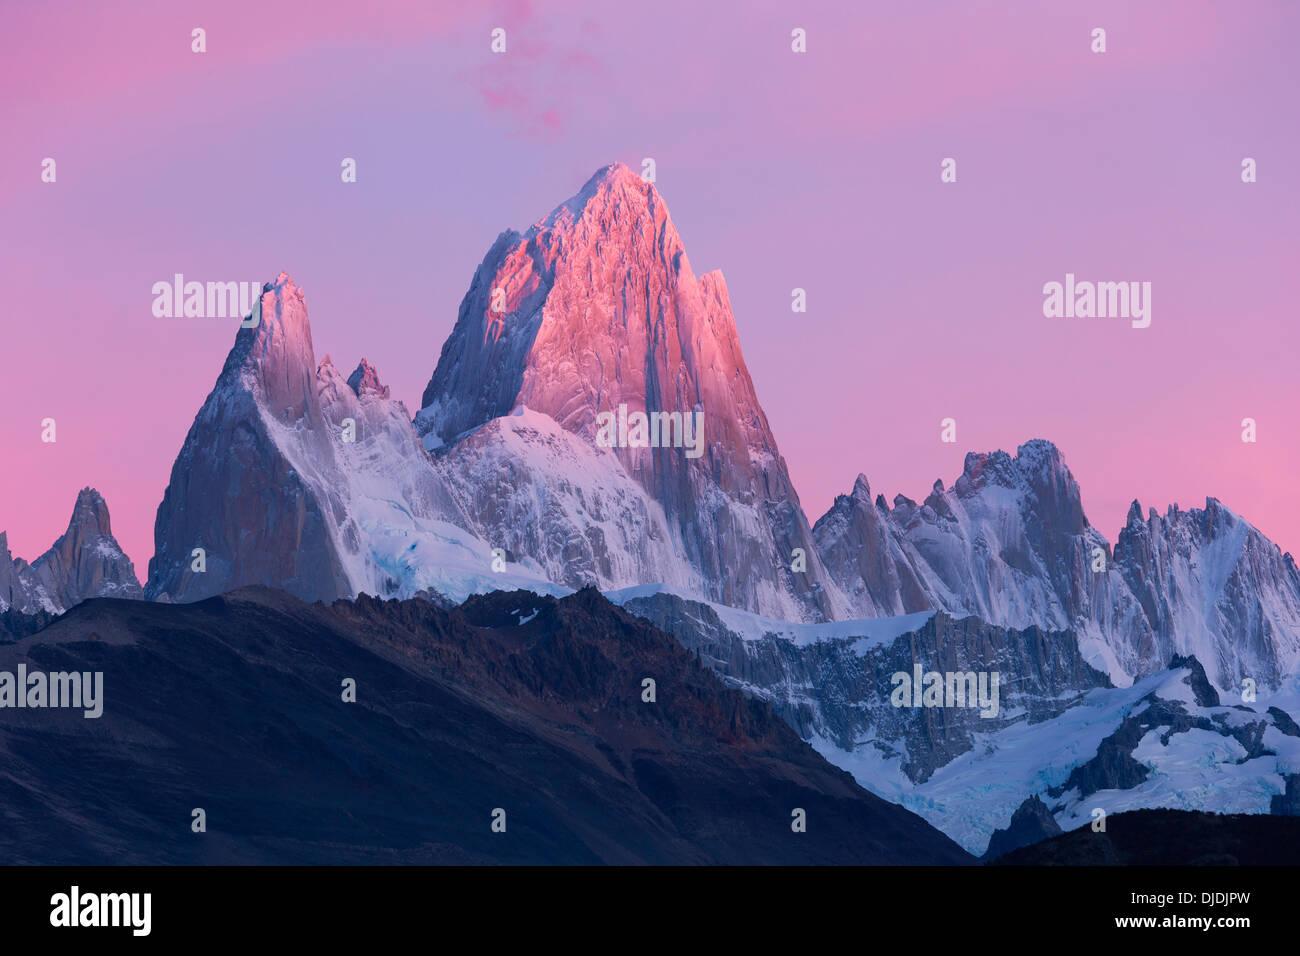 Ciel rose autour du massif Fitz Roy.Pategonia.L'Argentine Photo Stock